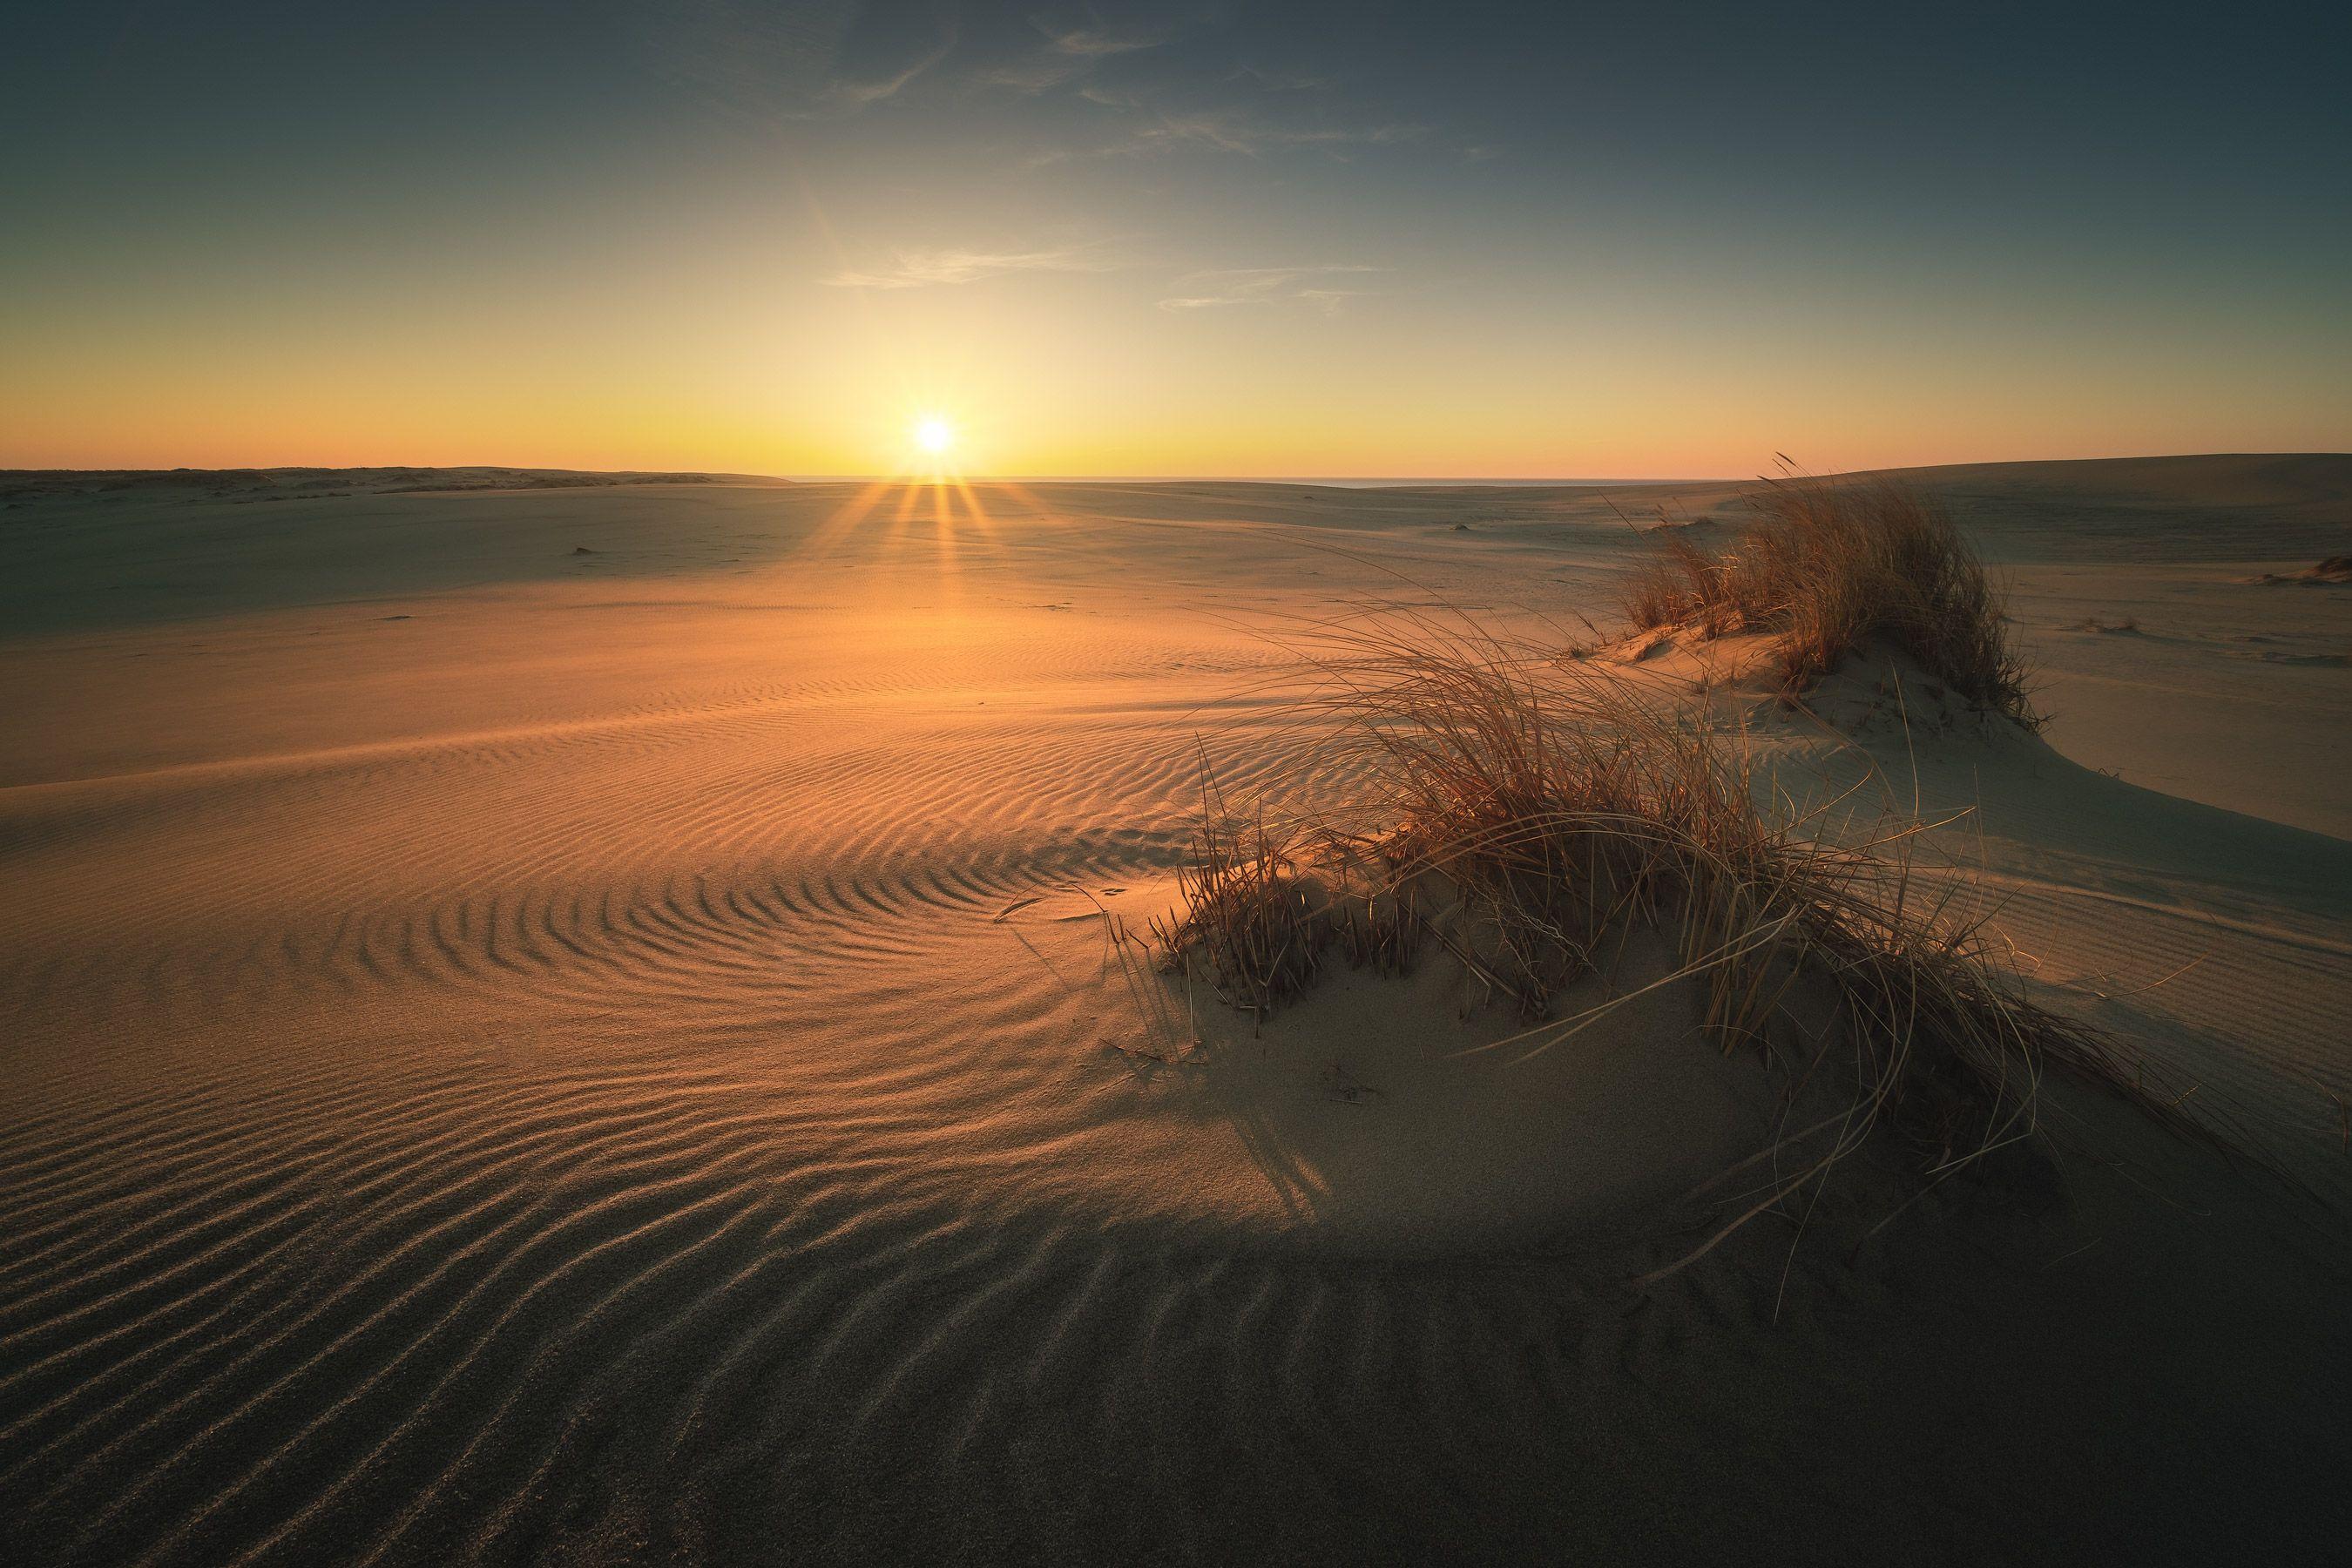 россия, калининградская область, балтика, балтийское море, куршская коса, национальный парк, пейзаж, природа, море, дюны, куршский залив, песок, весна, рассвет, солнце, Оборотов Алексей